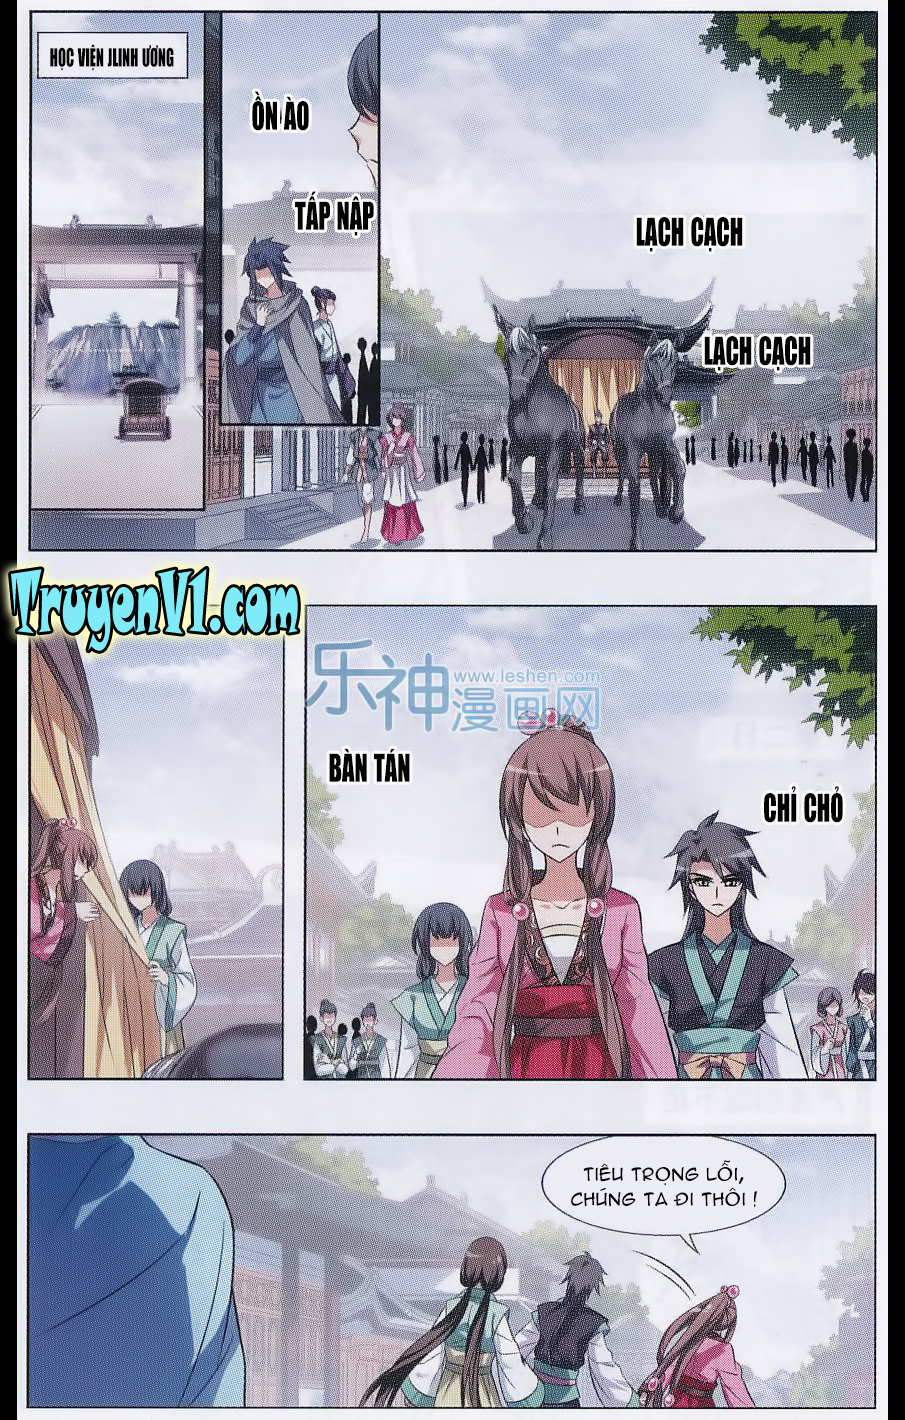 sfscommunity.com Phượng Nghịch Thiên Hạ Chap 44